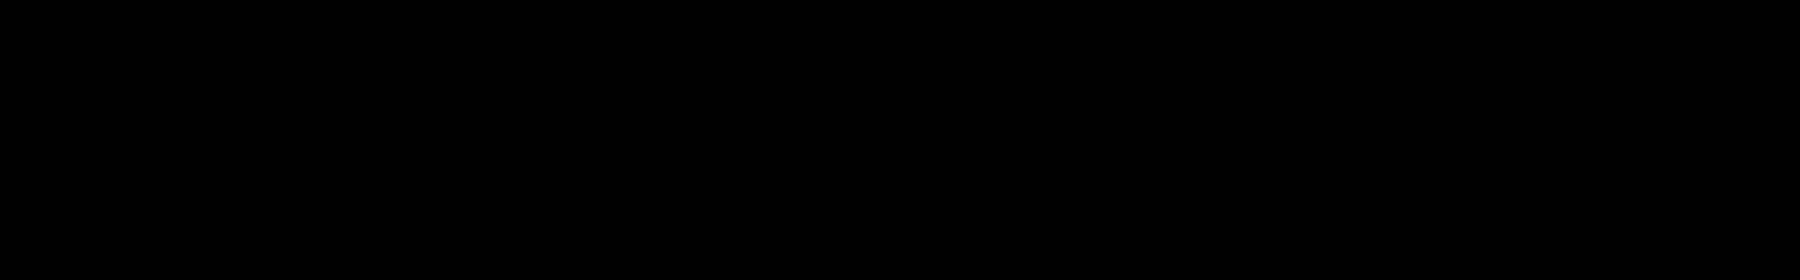 Eternal DubTechno audio waveform